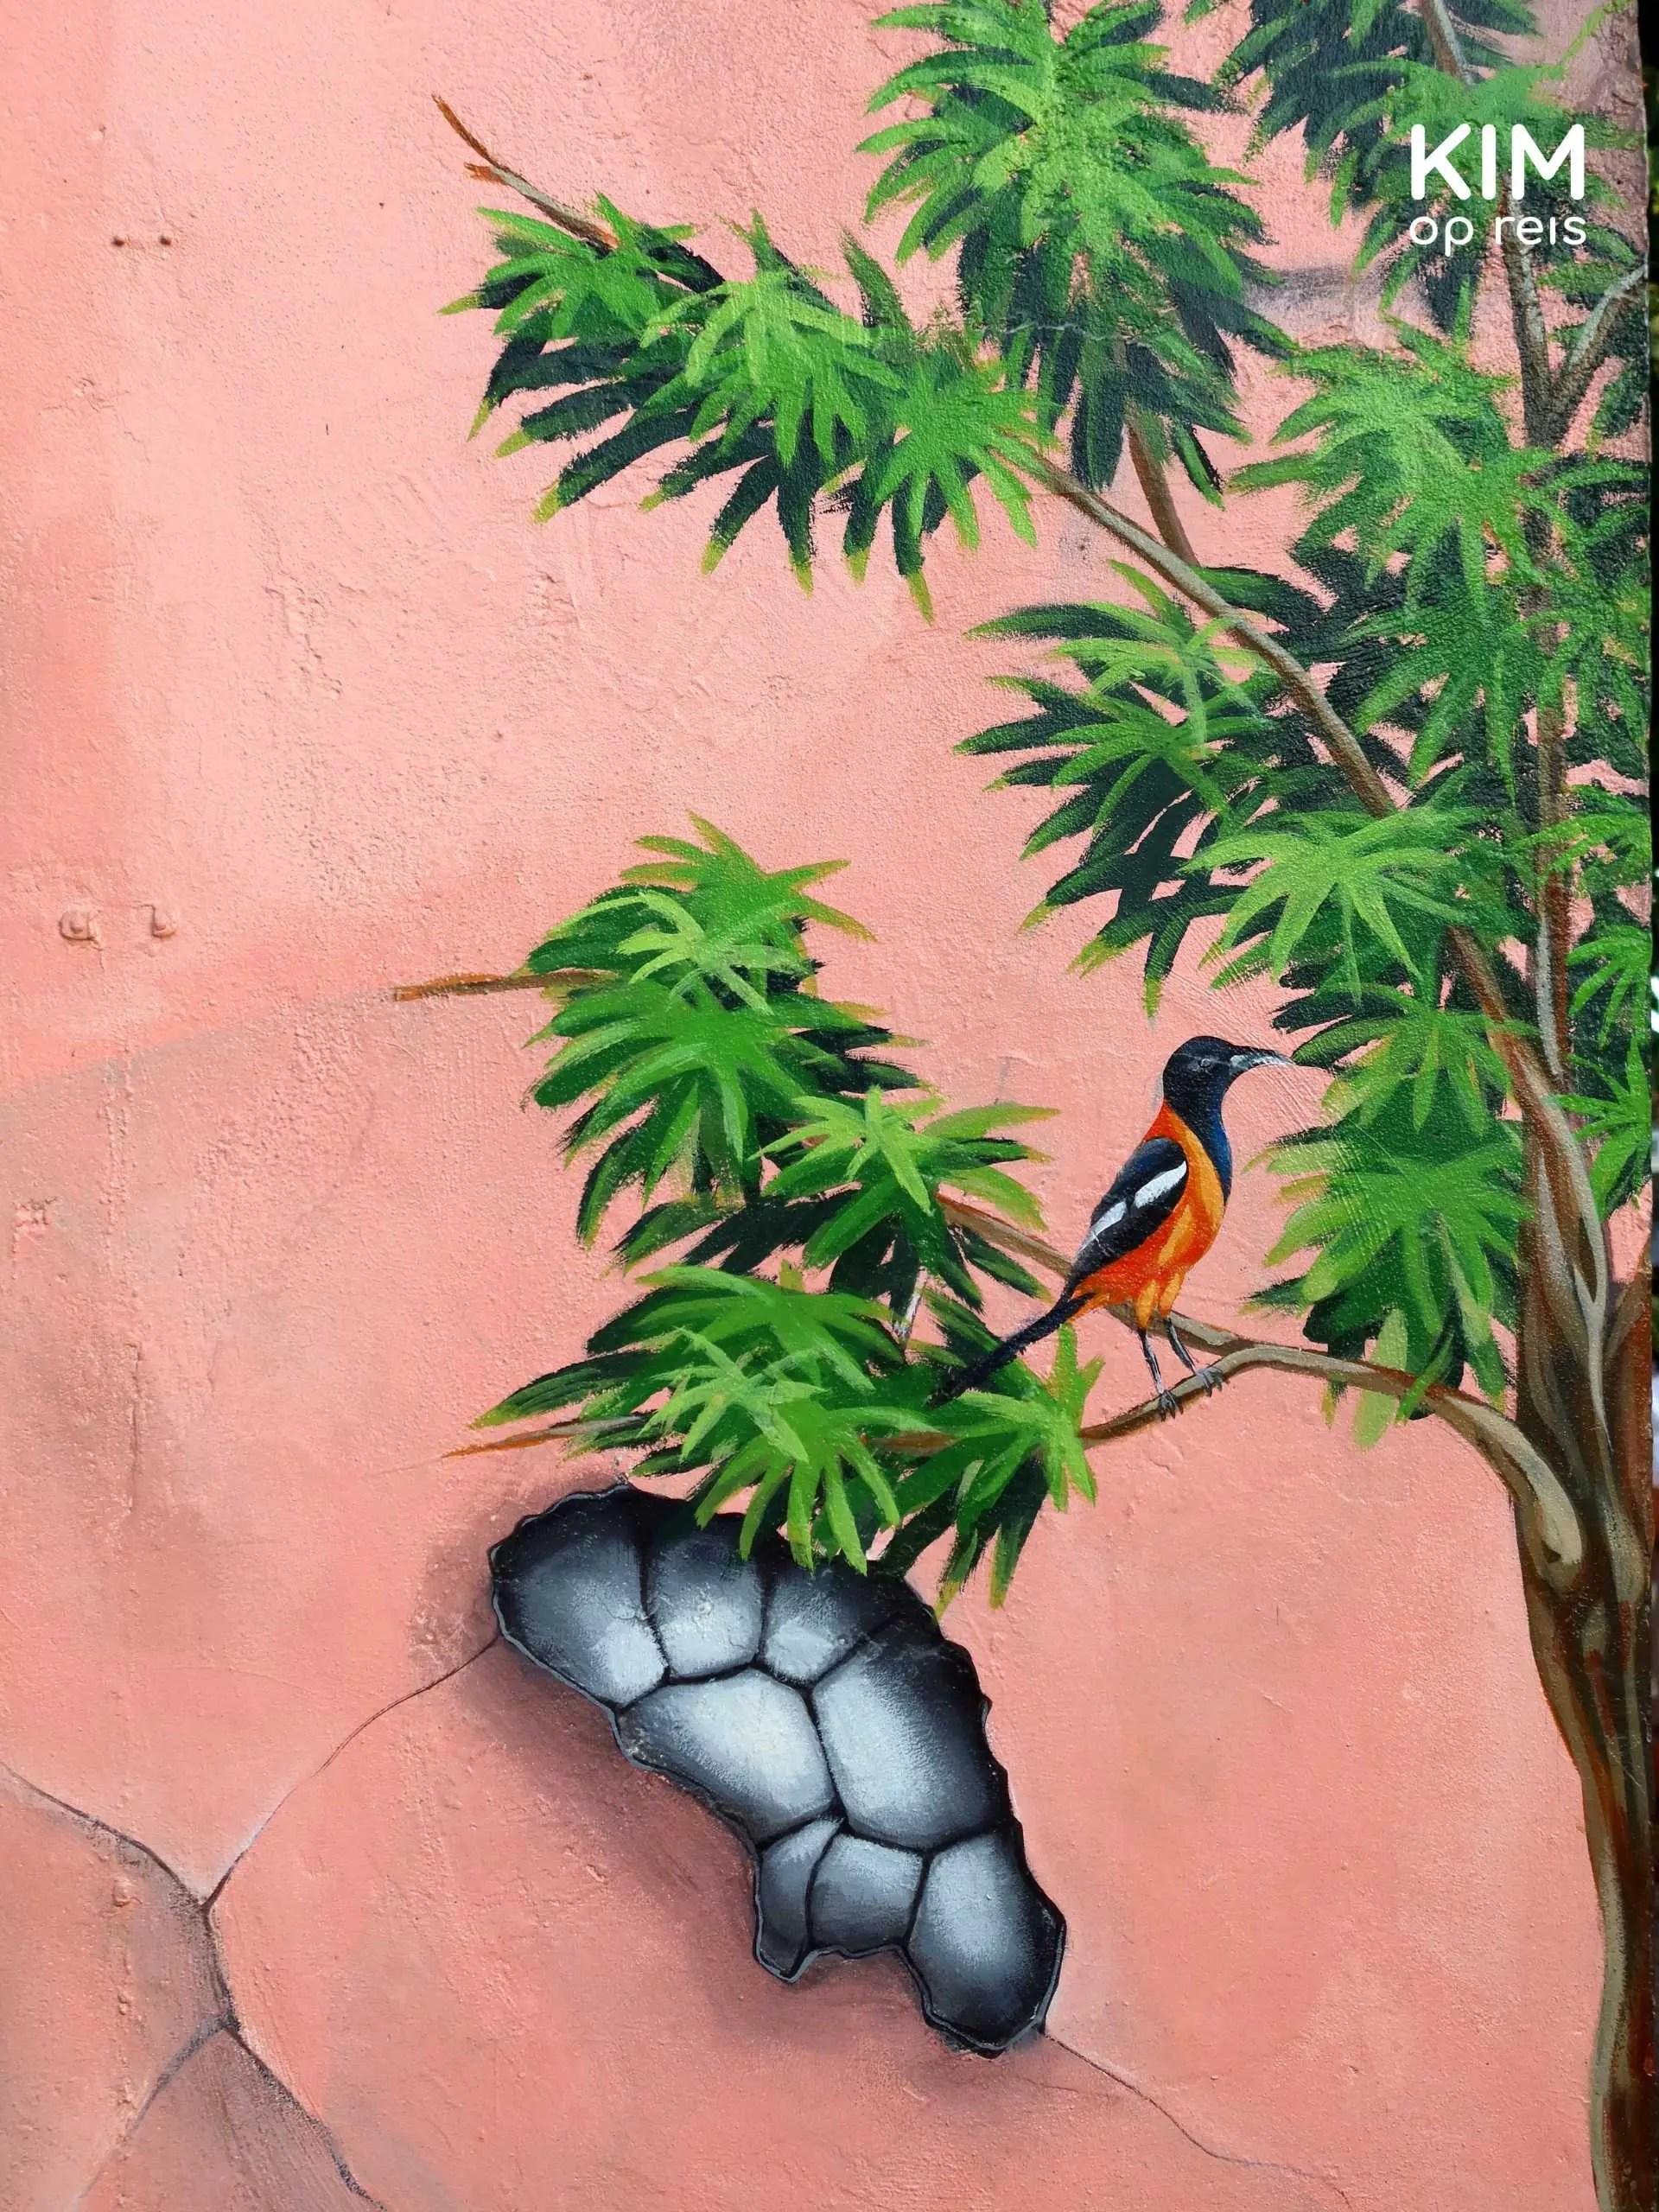 Muurschildering Curaçao: roze muur met daarop een boom met vogel geschilderd